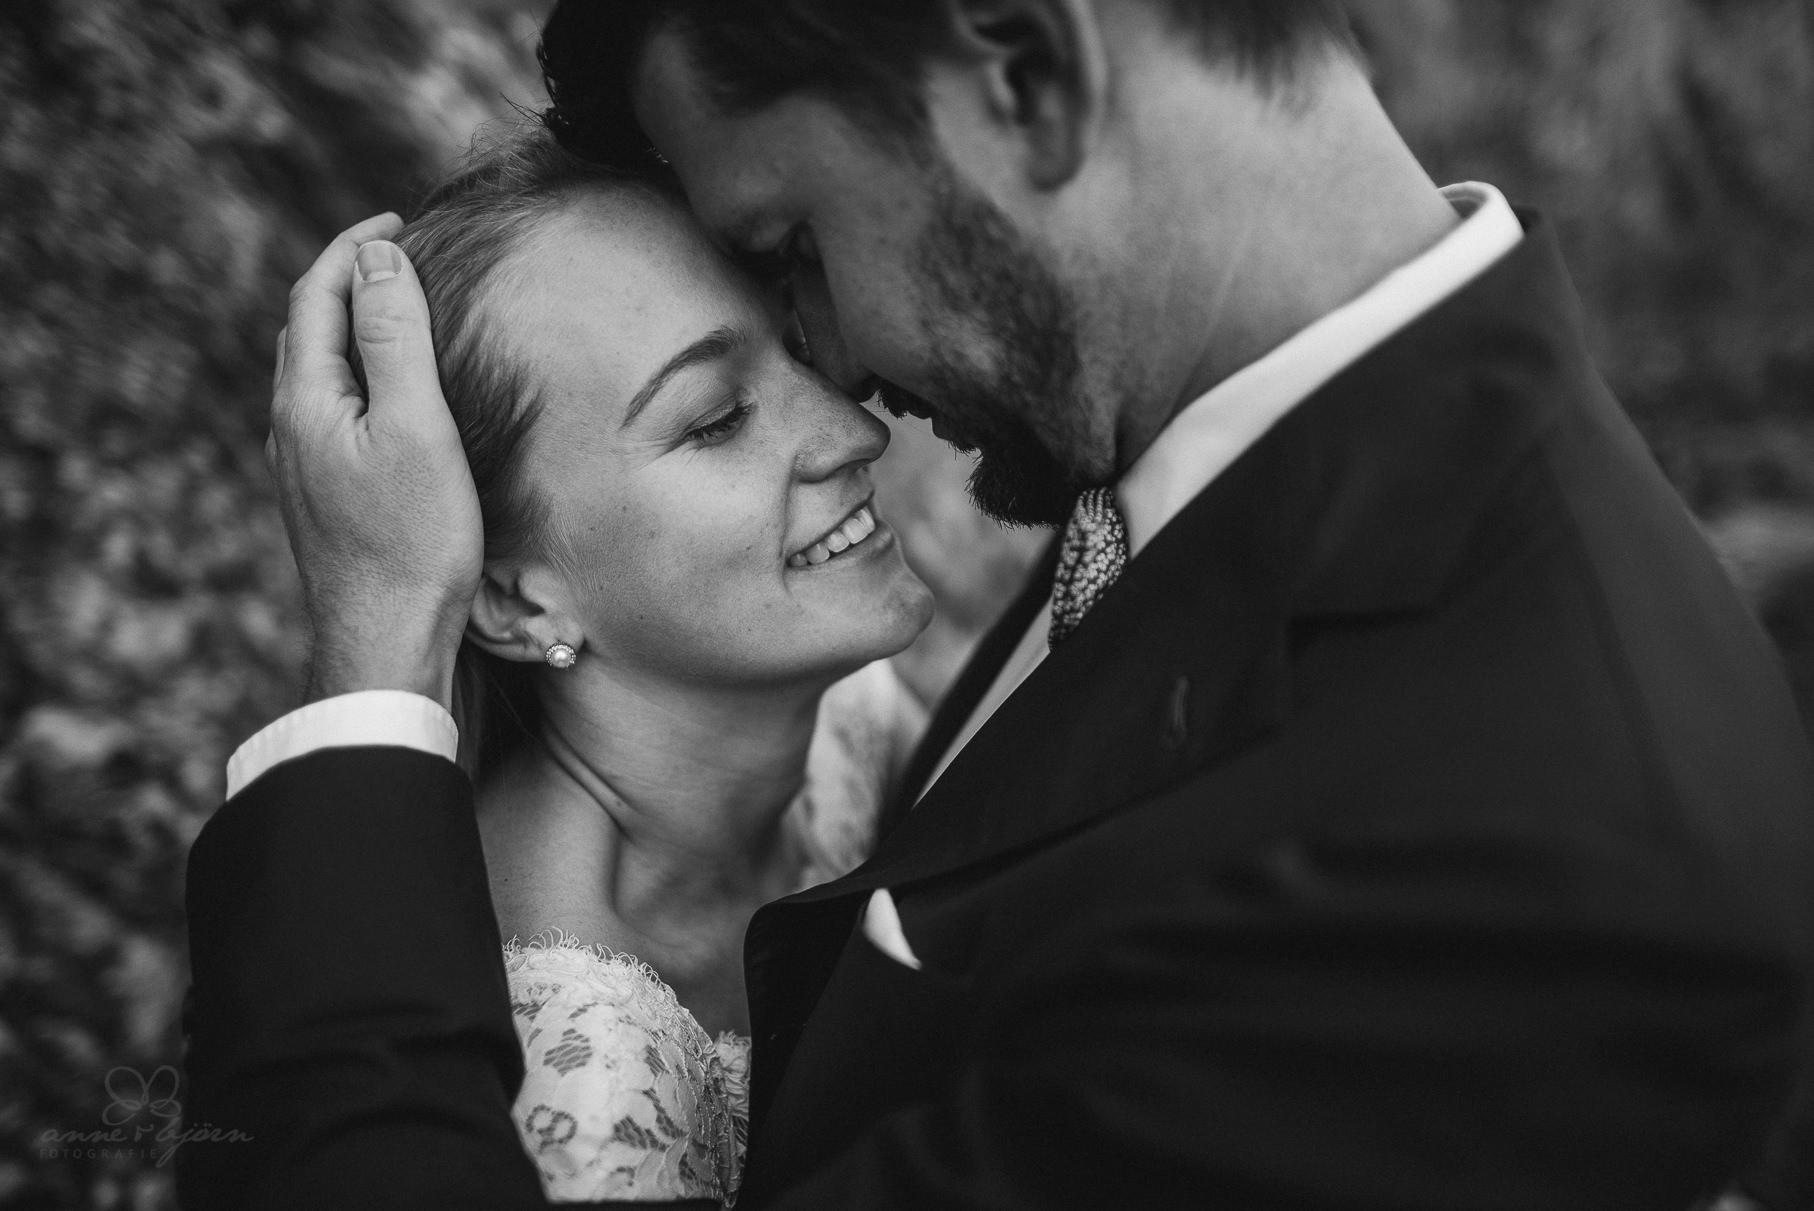 0027 anne und bjoern suc schweiz 811 5022 - After Wedding Shooting in der Schweiz - Sabrina & Christoph